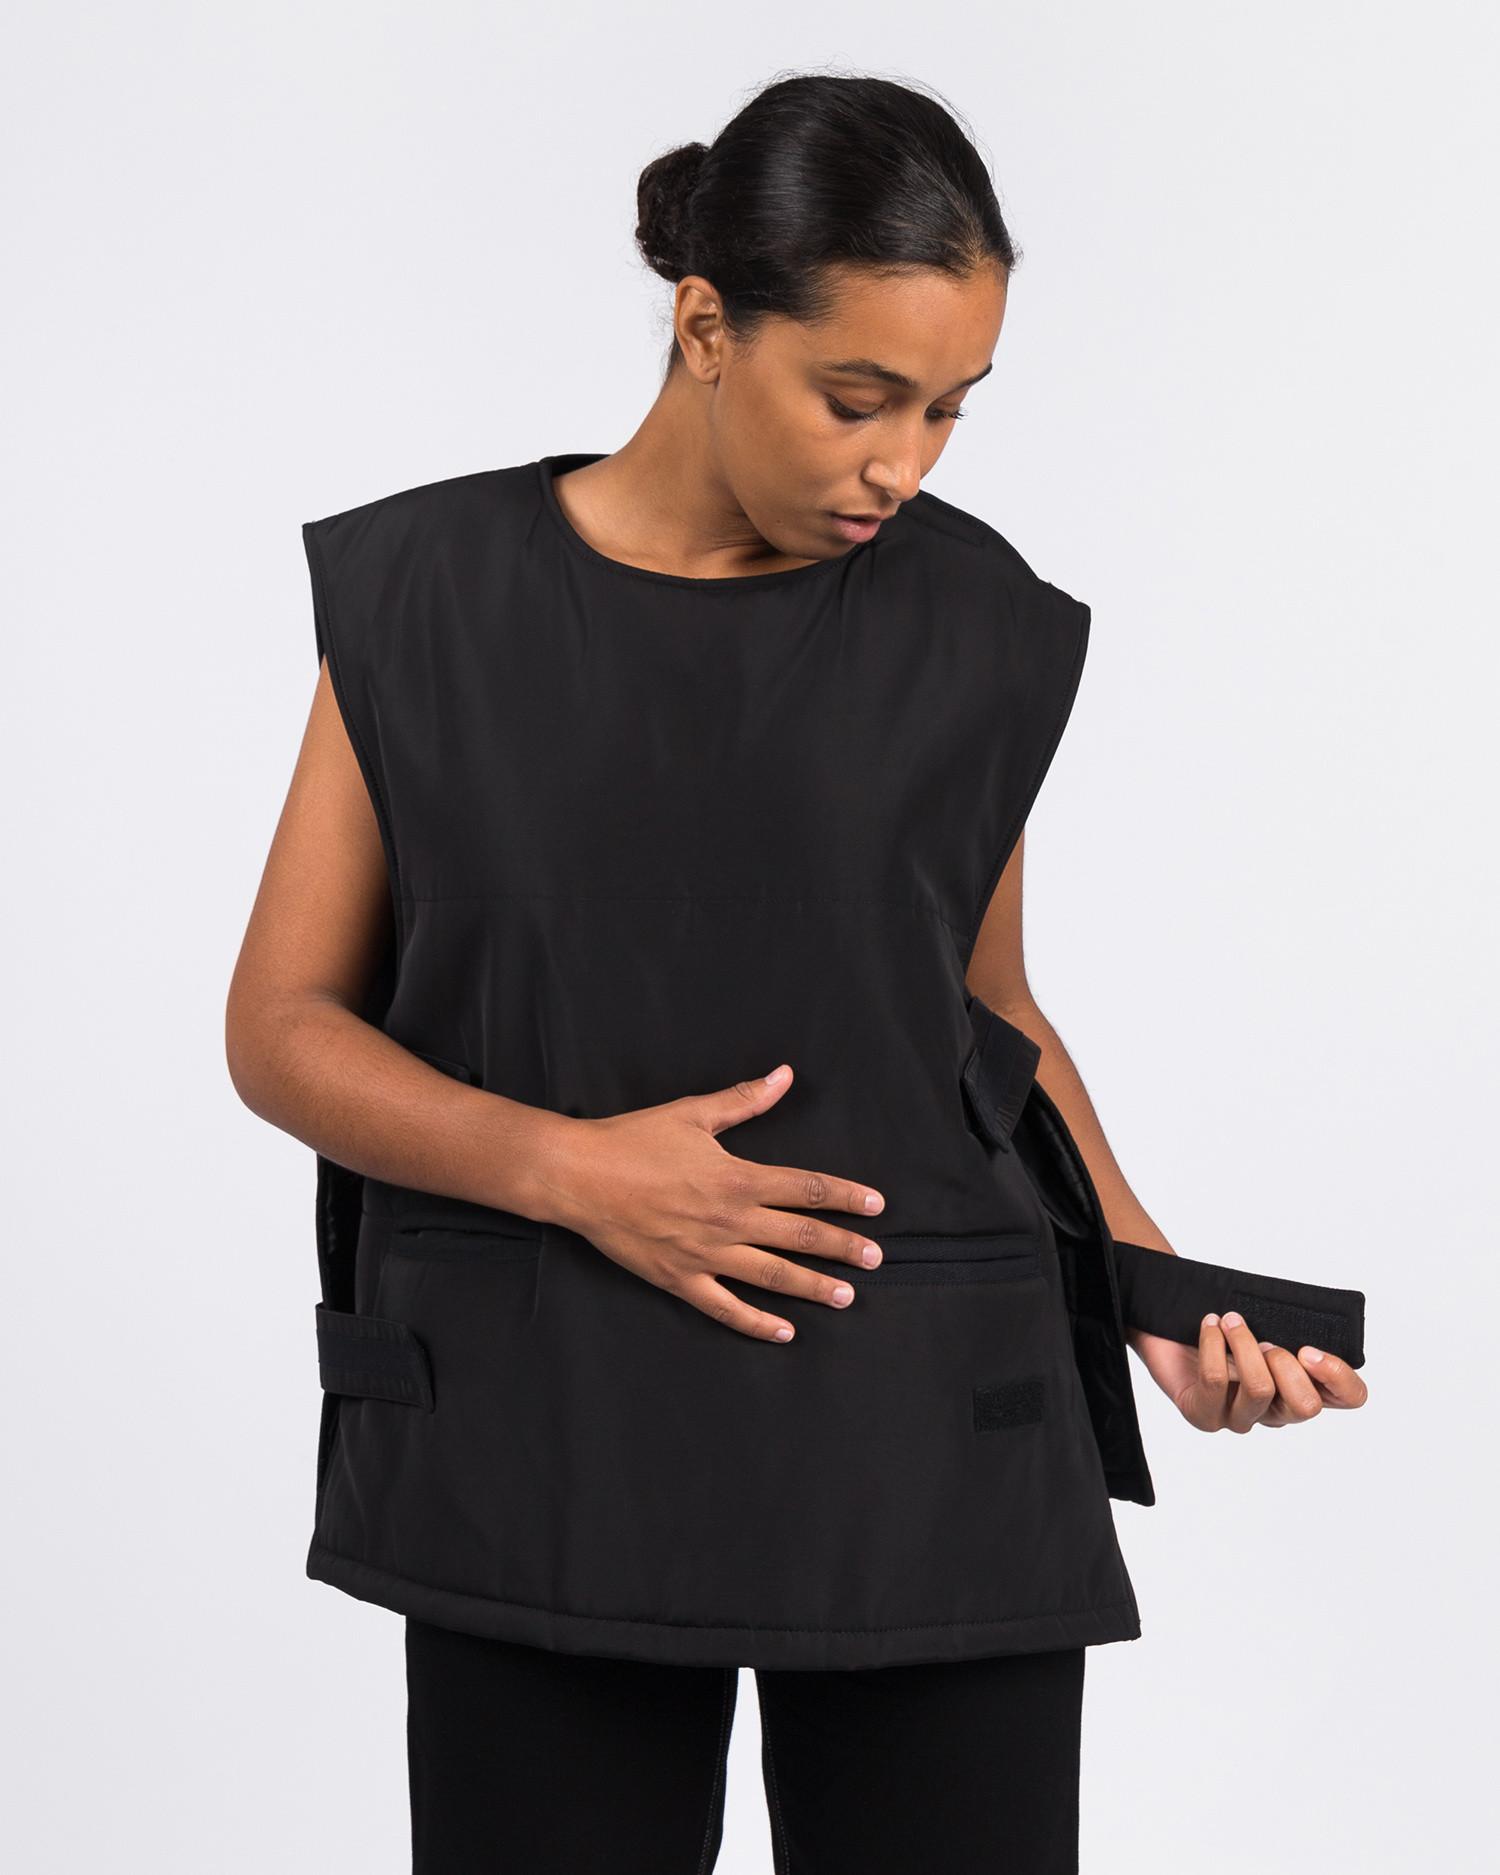 Neige Tactical Vest